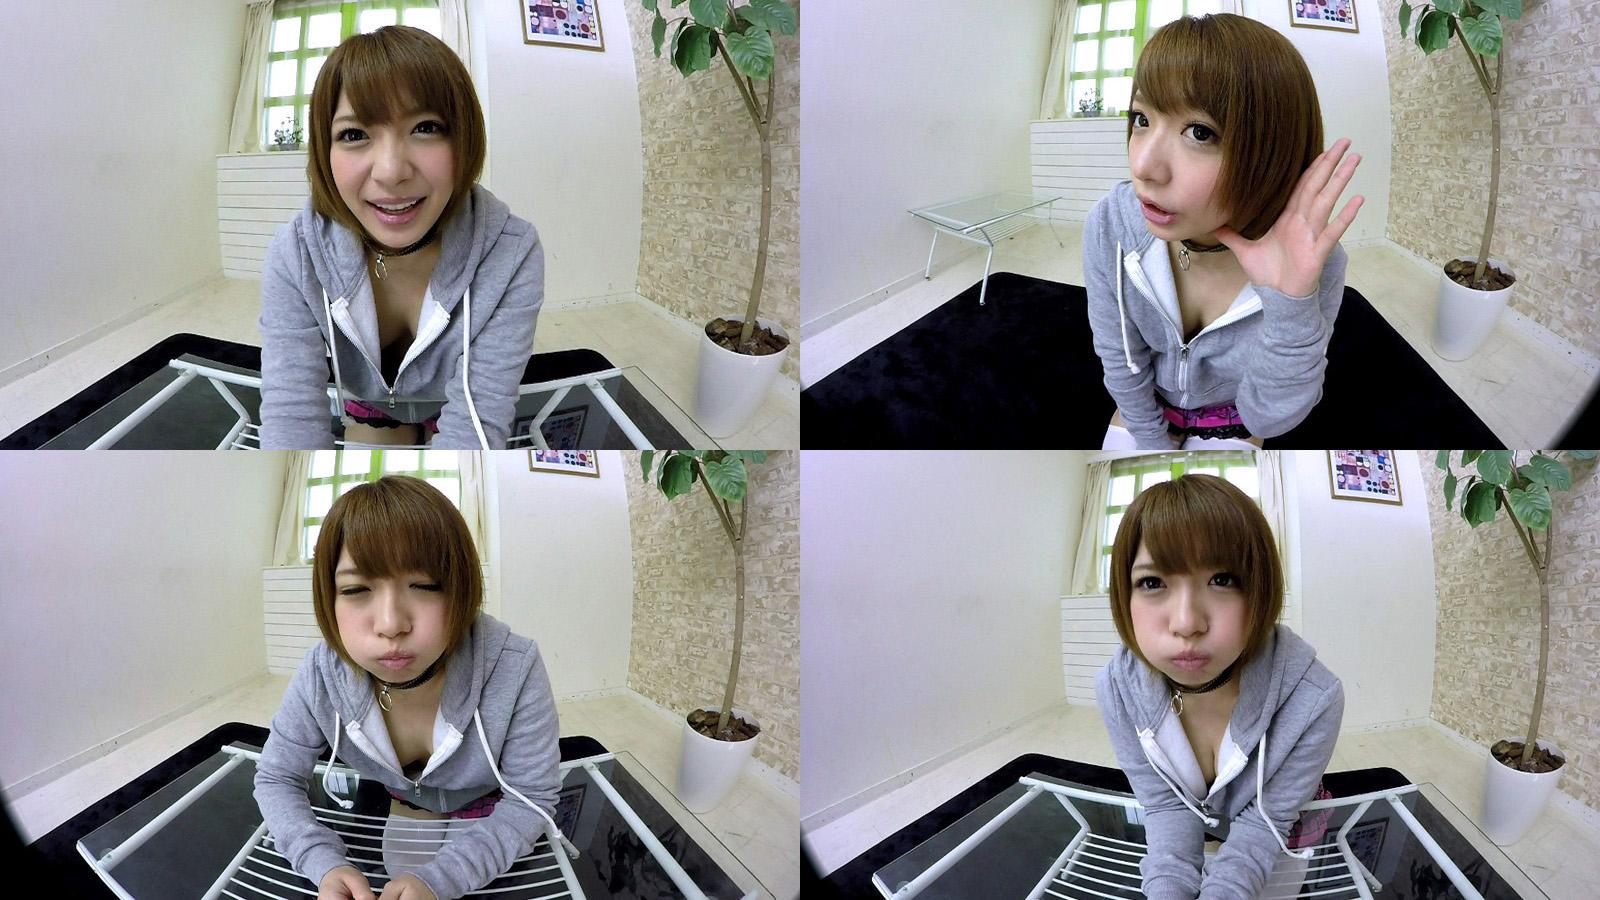 麻里梨夏:見つめられる幸せ!かわいいい後輩とのいちゃらぶエッチ「センパイ…優しいから大好き!」